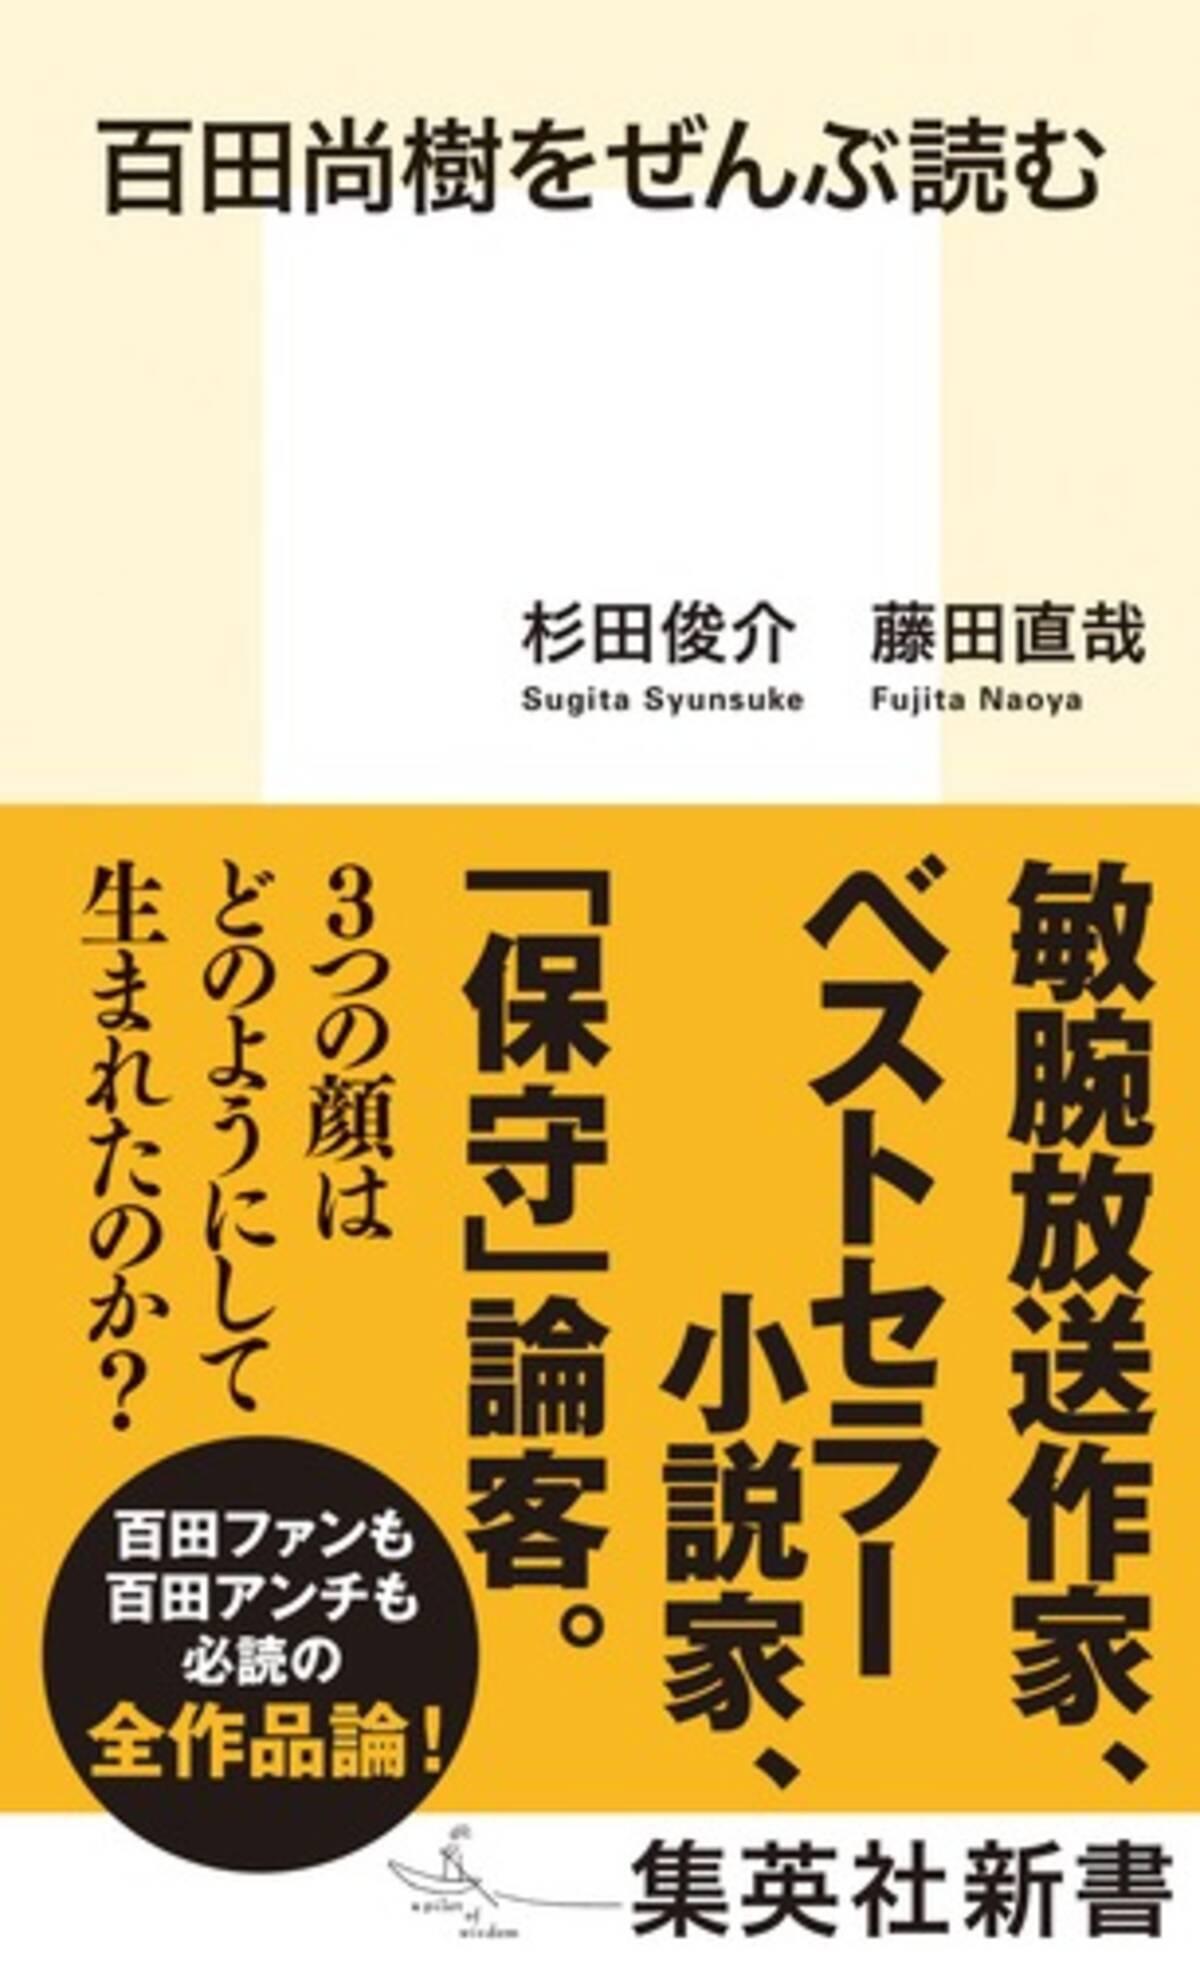 百田尚樹氏の最高傑作は? (2020年6月12日) - エキサイトニュース